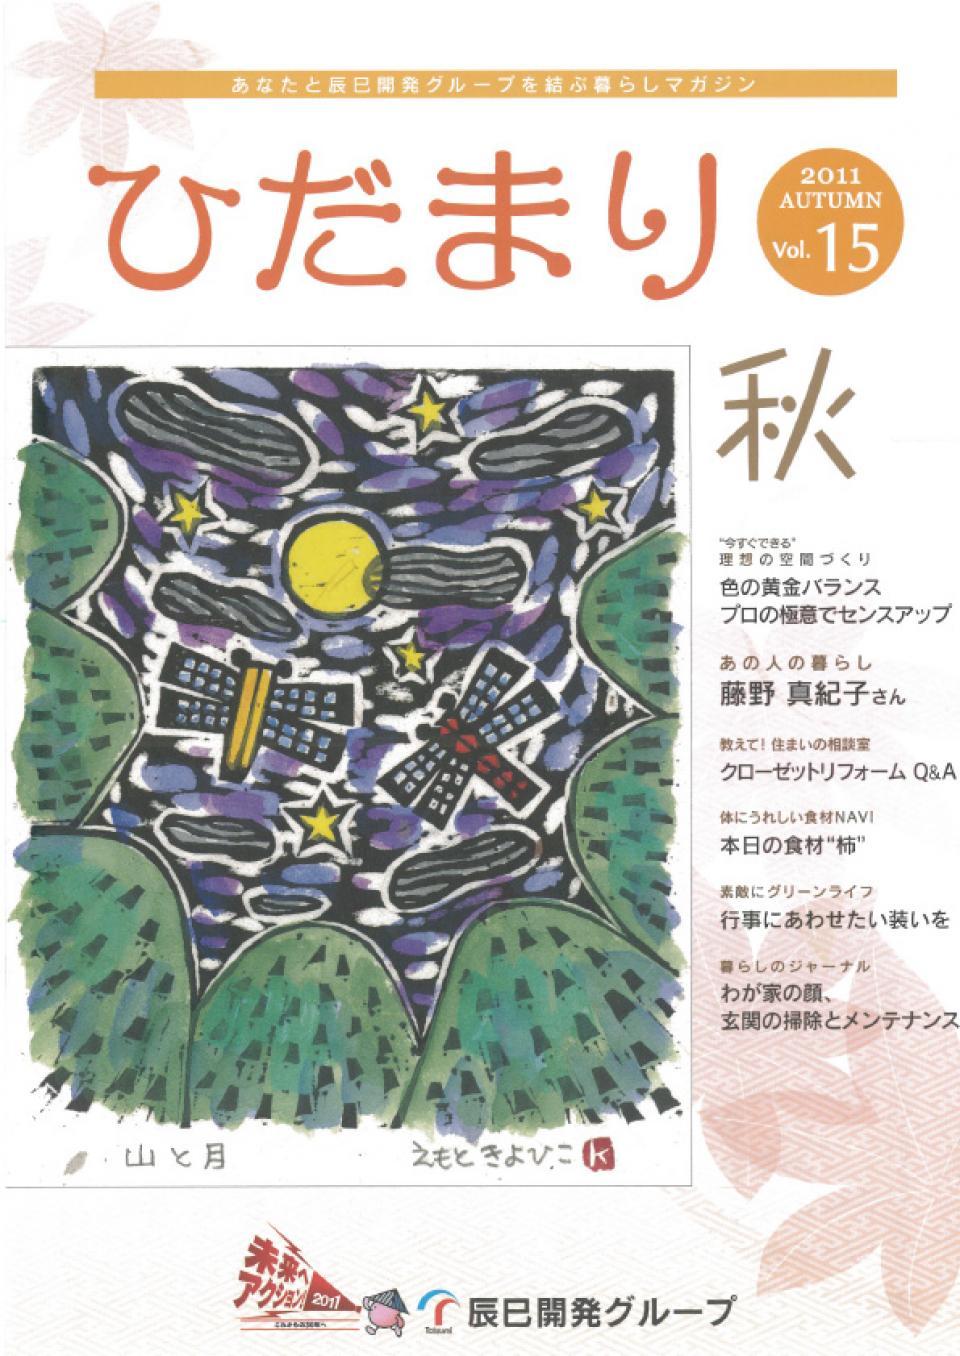 ひだまり 2011 Autumun vol.15